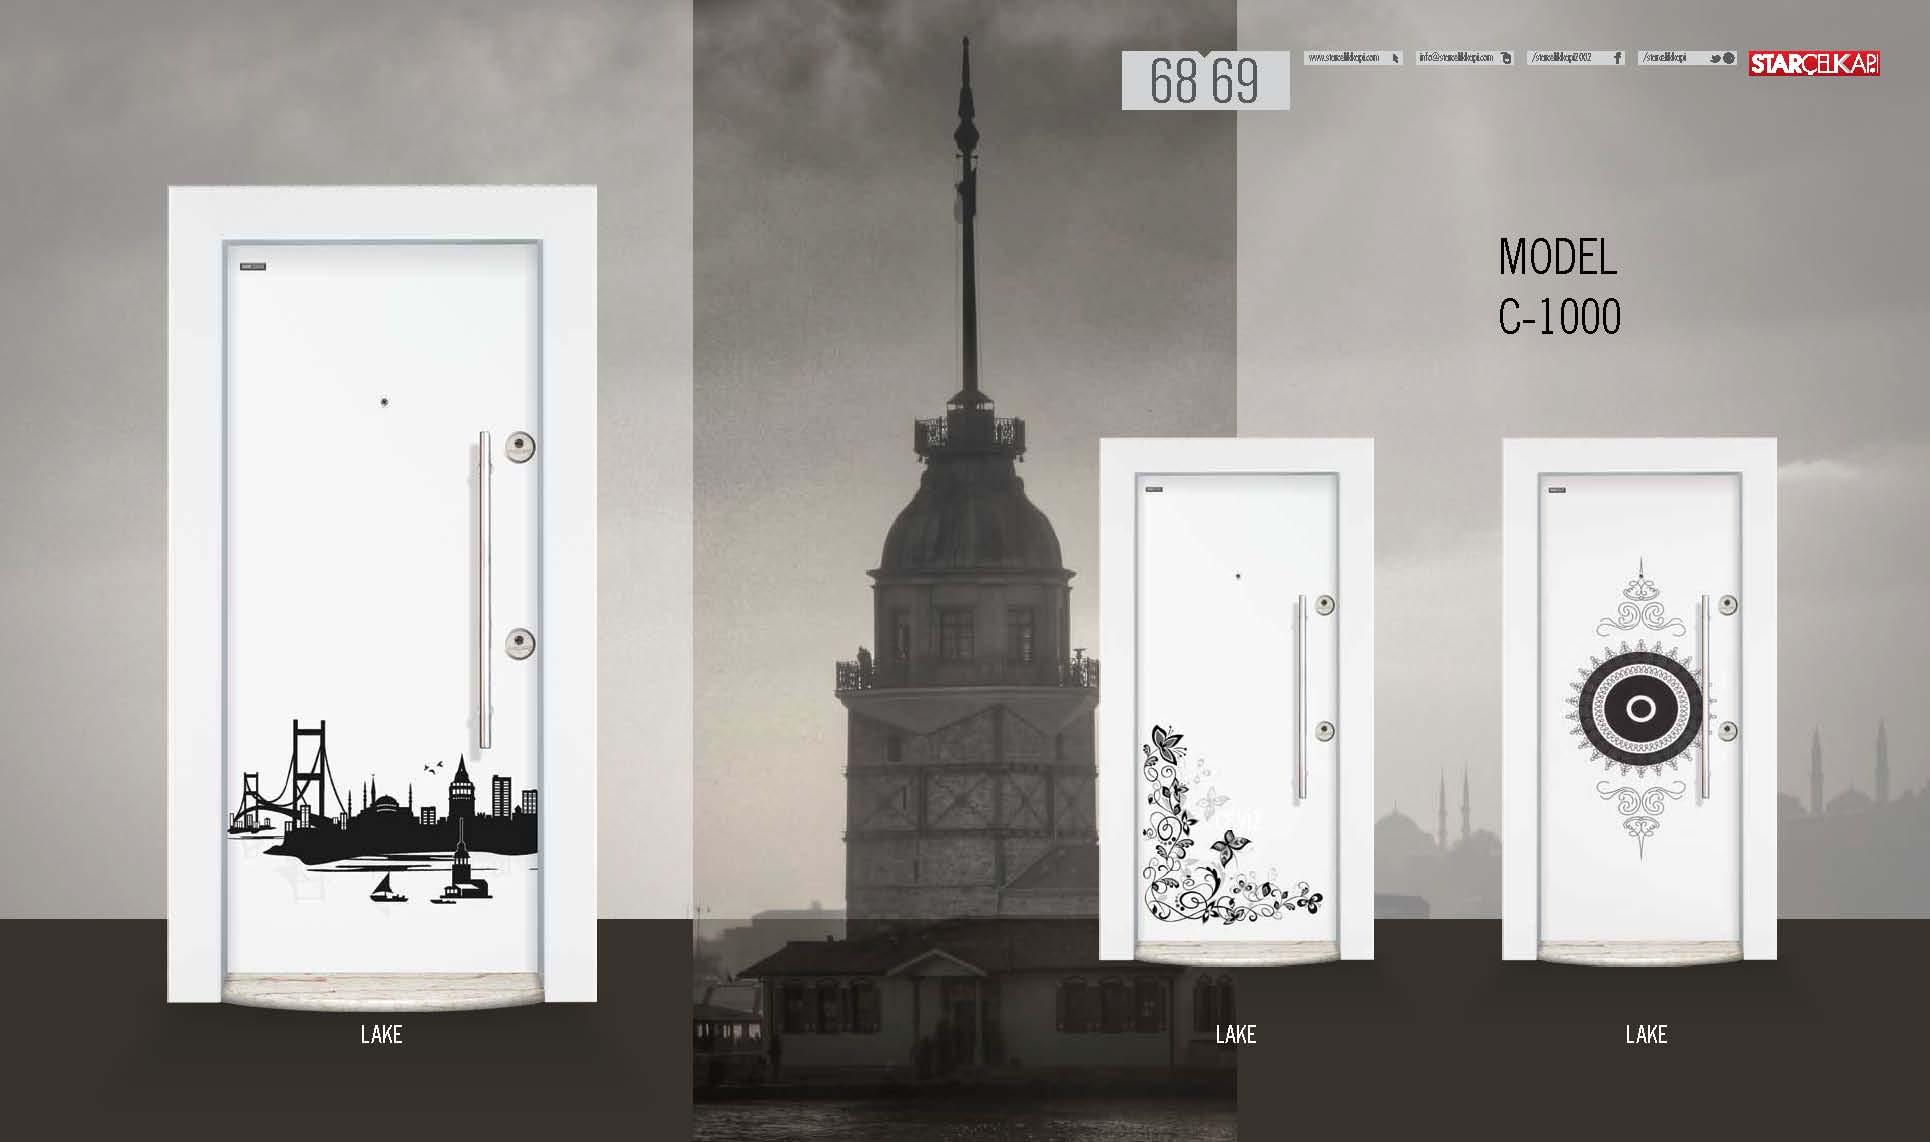 vhodni-vrati-starcelik_page_35